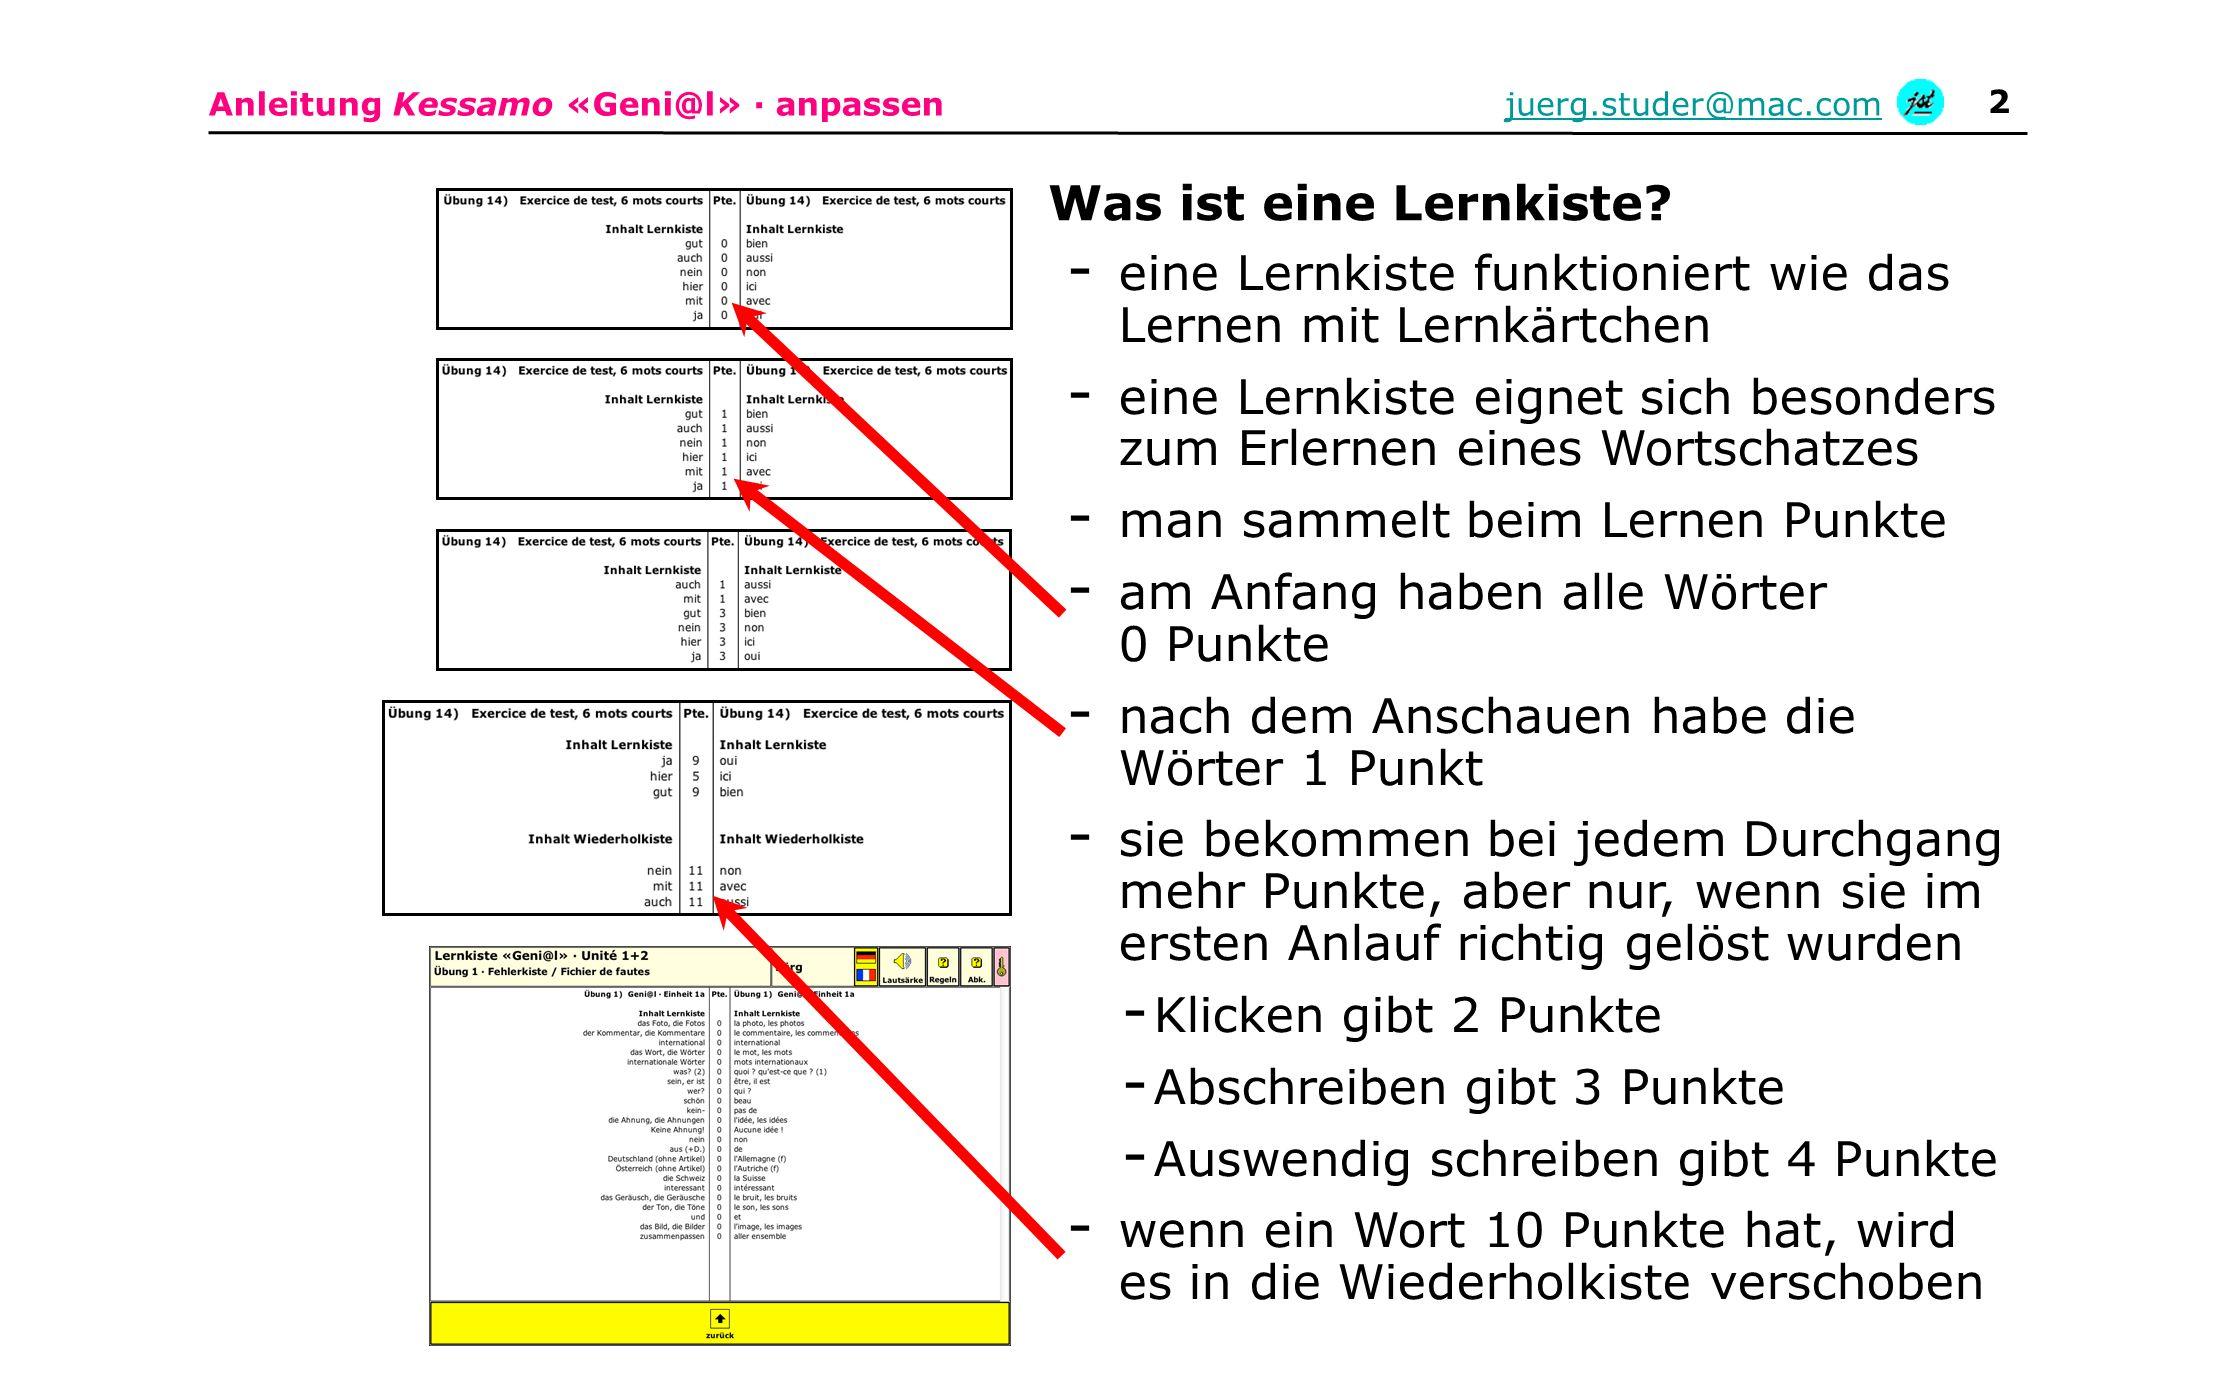 Anleitung Kessamo «Geni@l» · anpassenjuerg.studer@mac.com 2 - eine Lernkiste funktioniert wie das Lernen mit Lernkärtchen - eine Lernkiste eignet sich